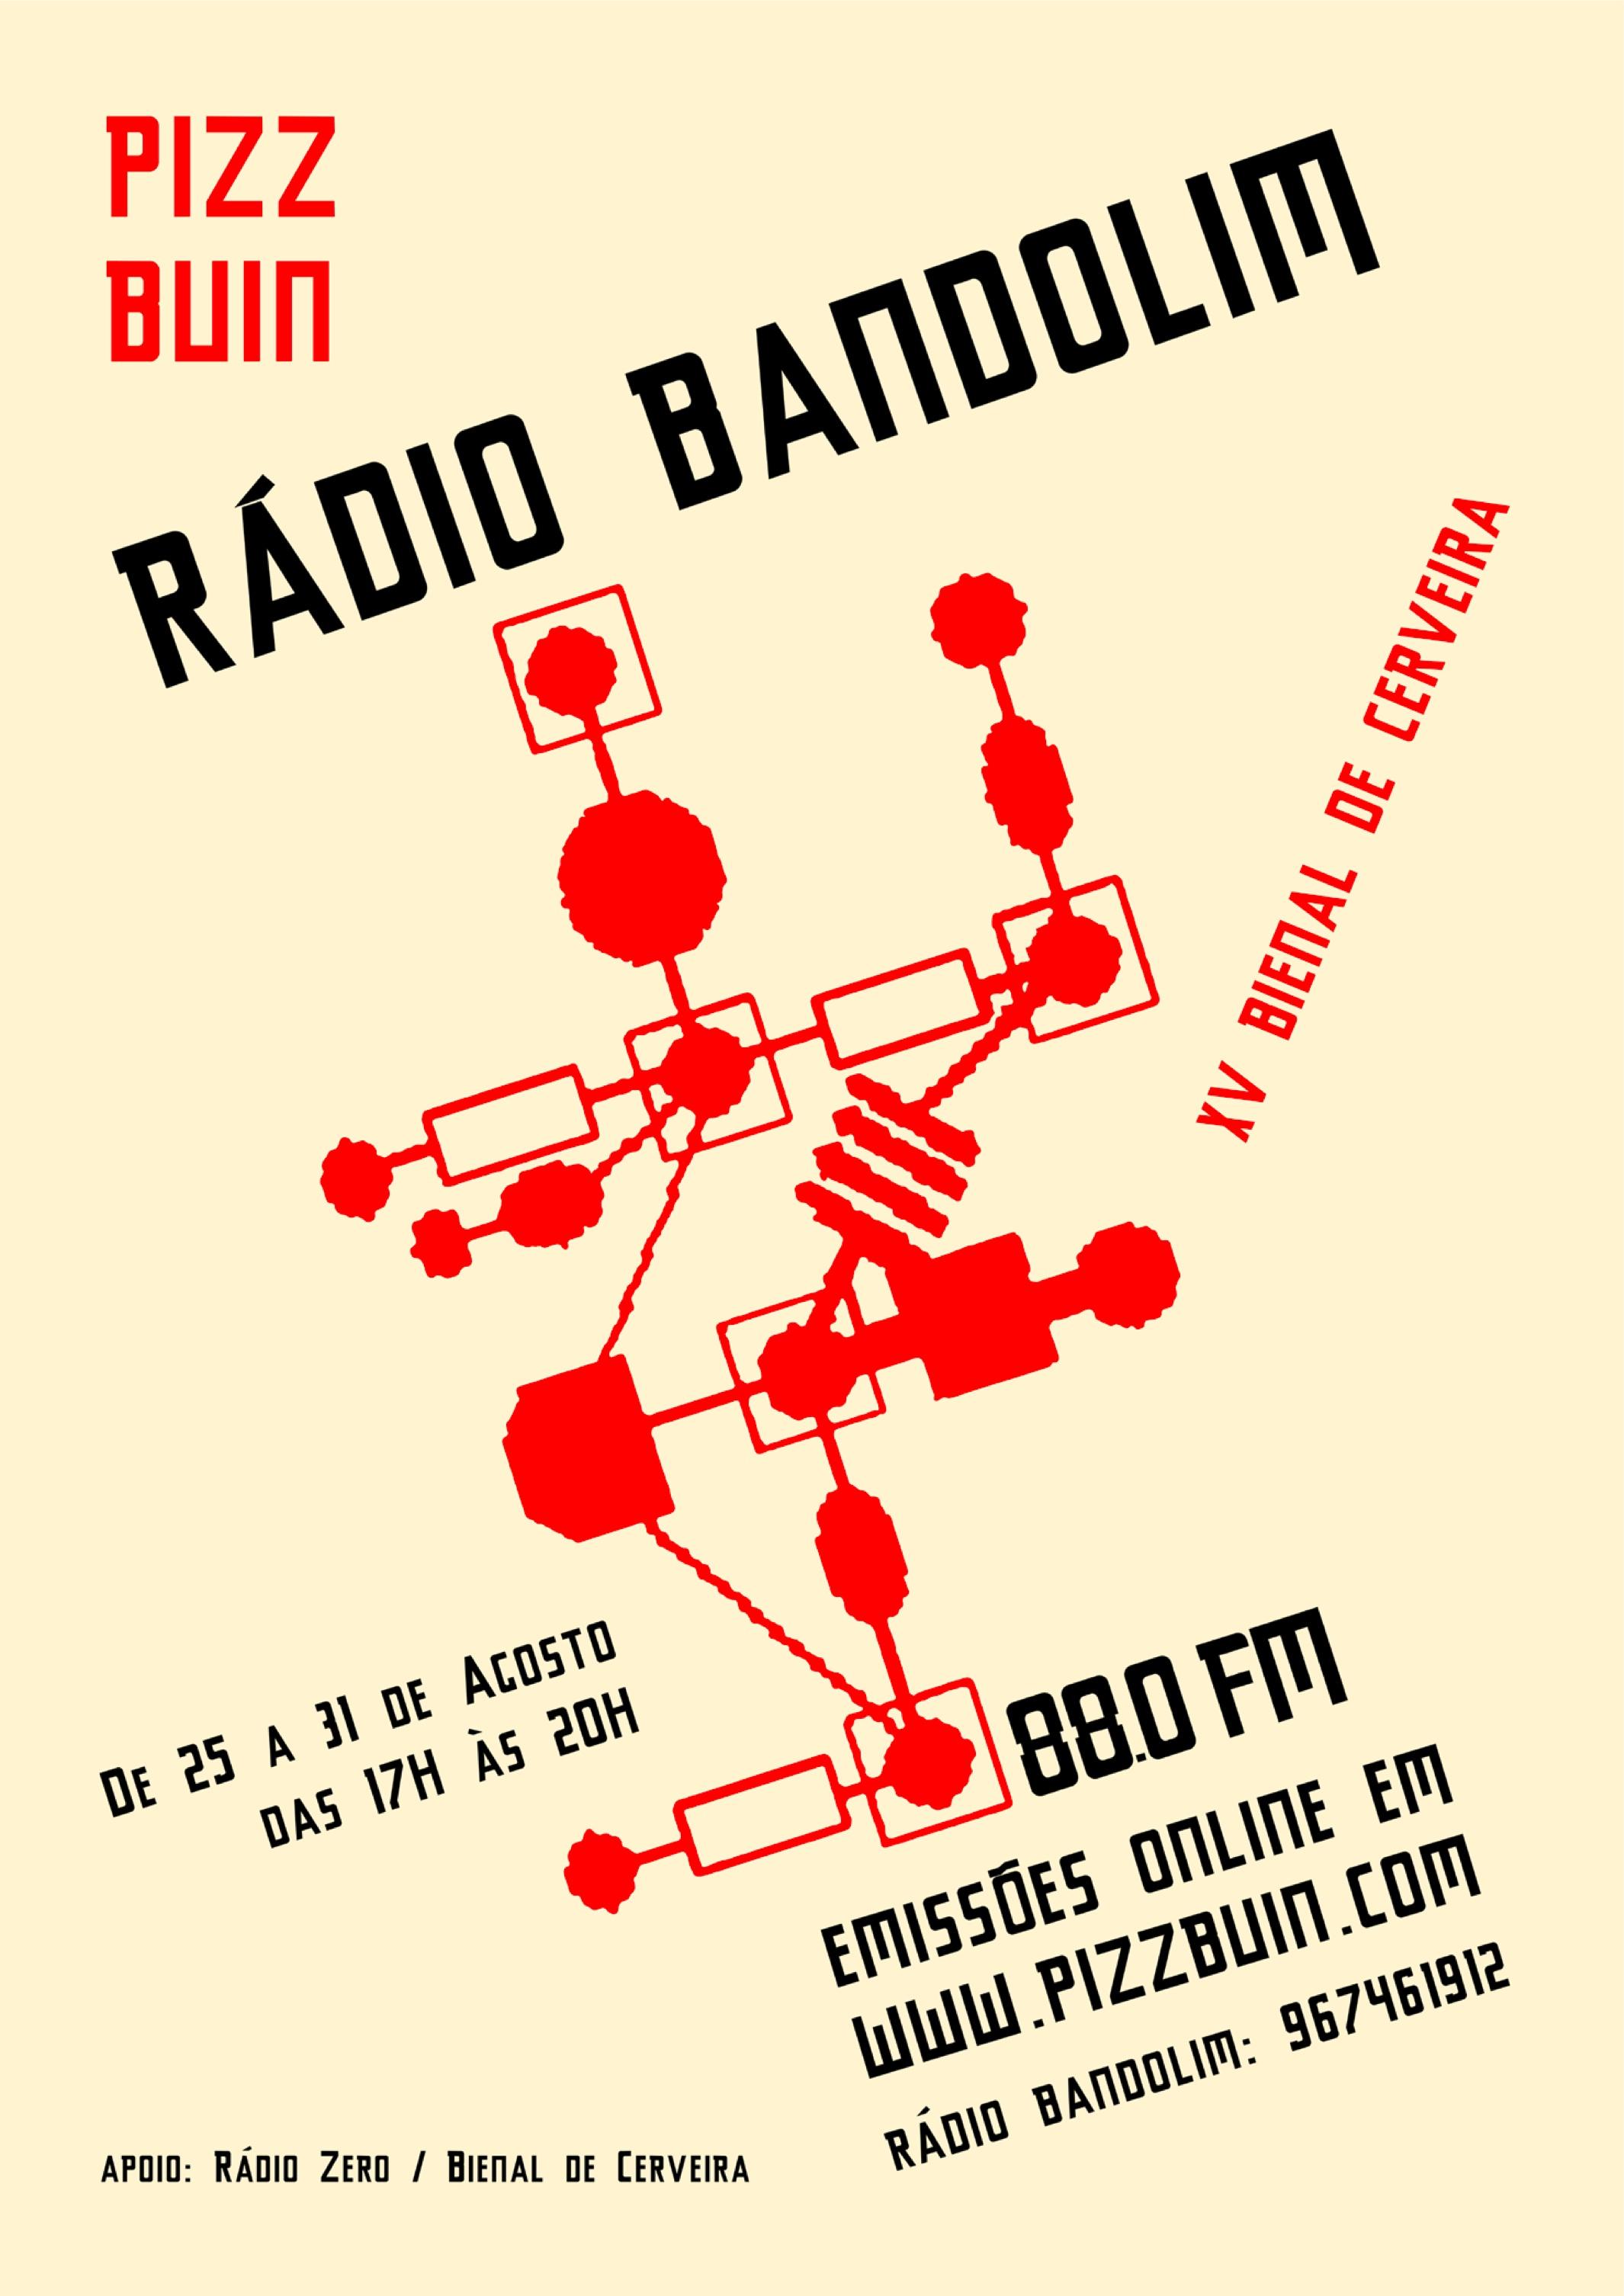 Radio Bandolim web